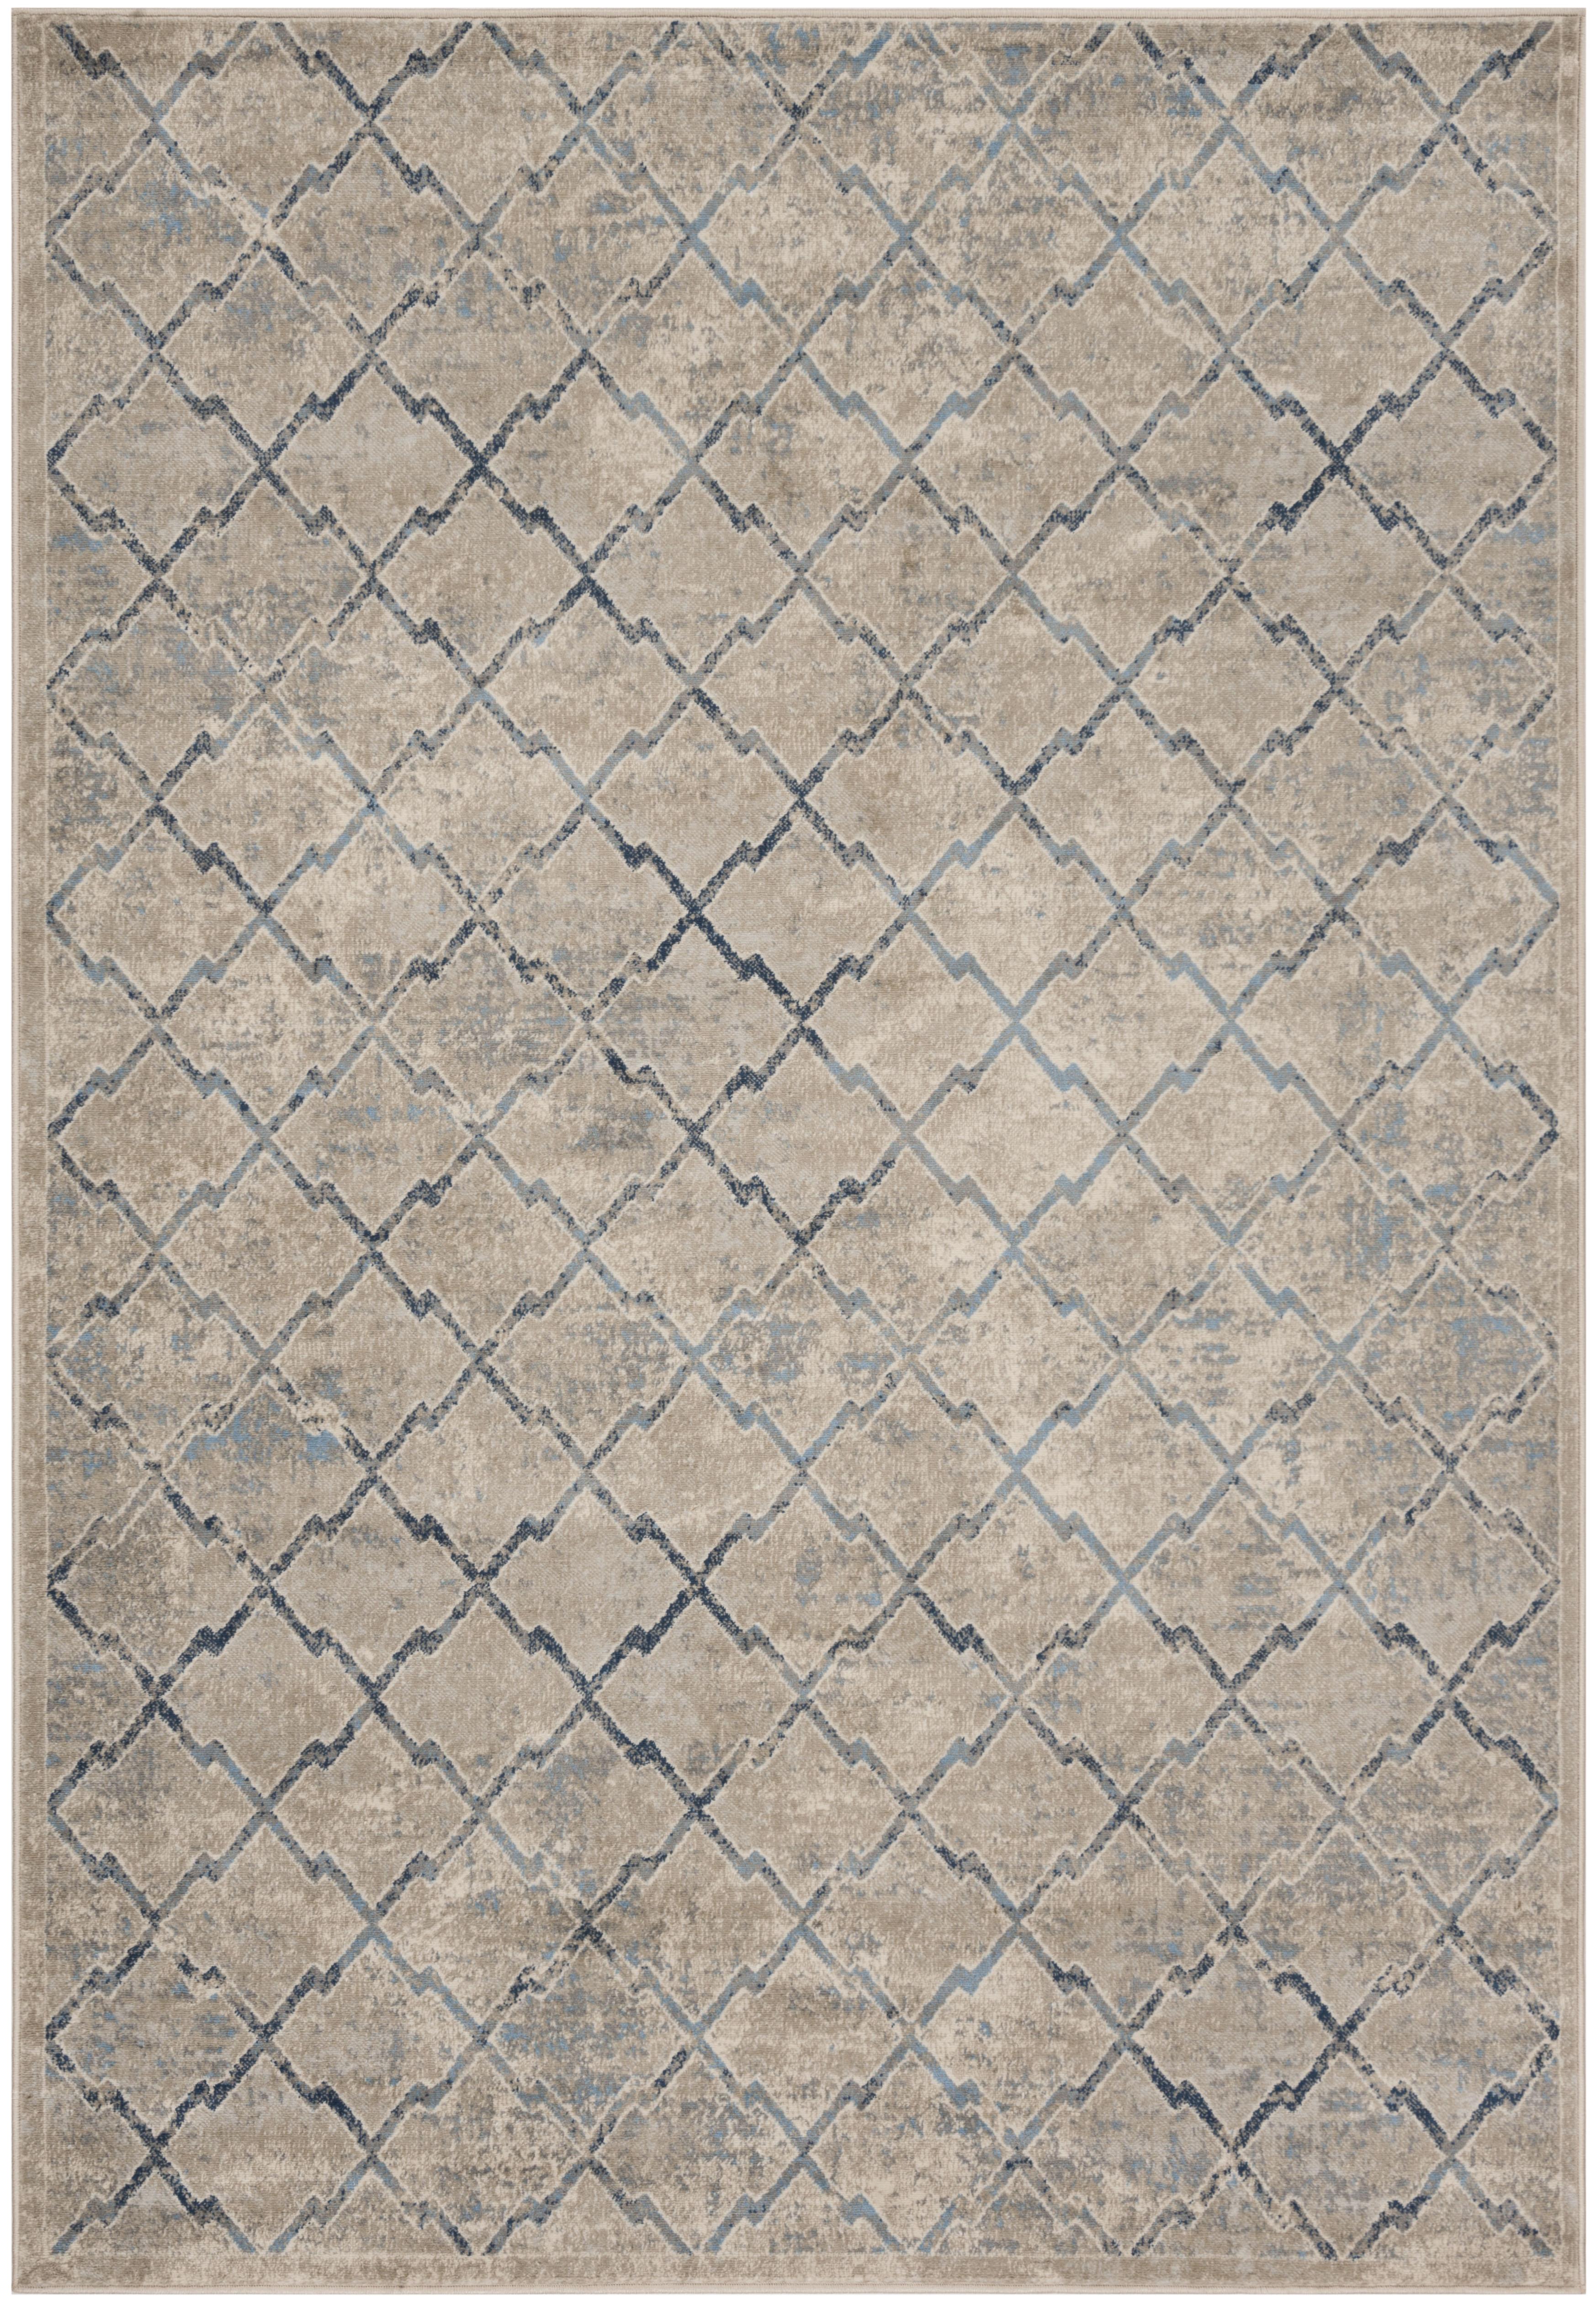 Tapis de salon classique gris clair et bleu 160x230